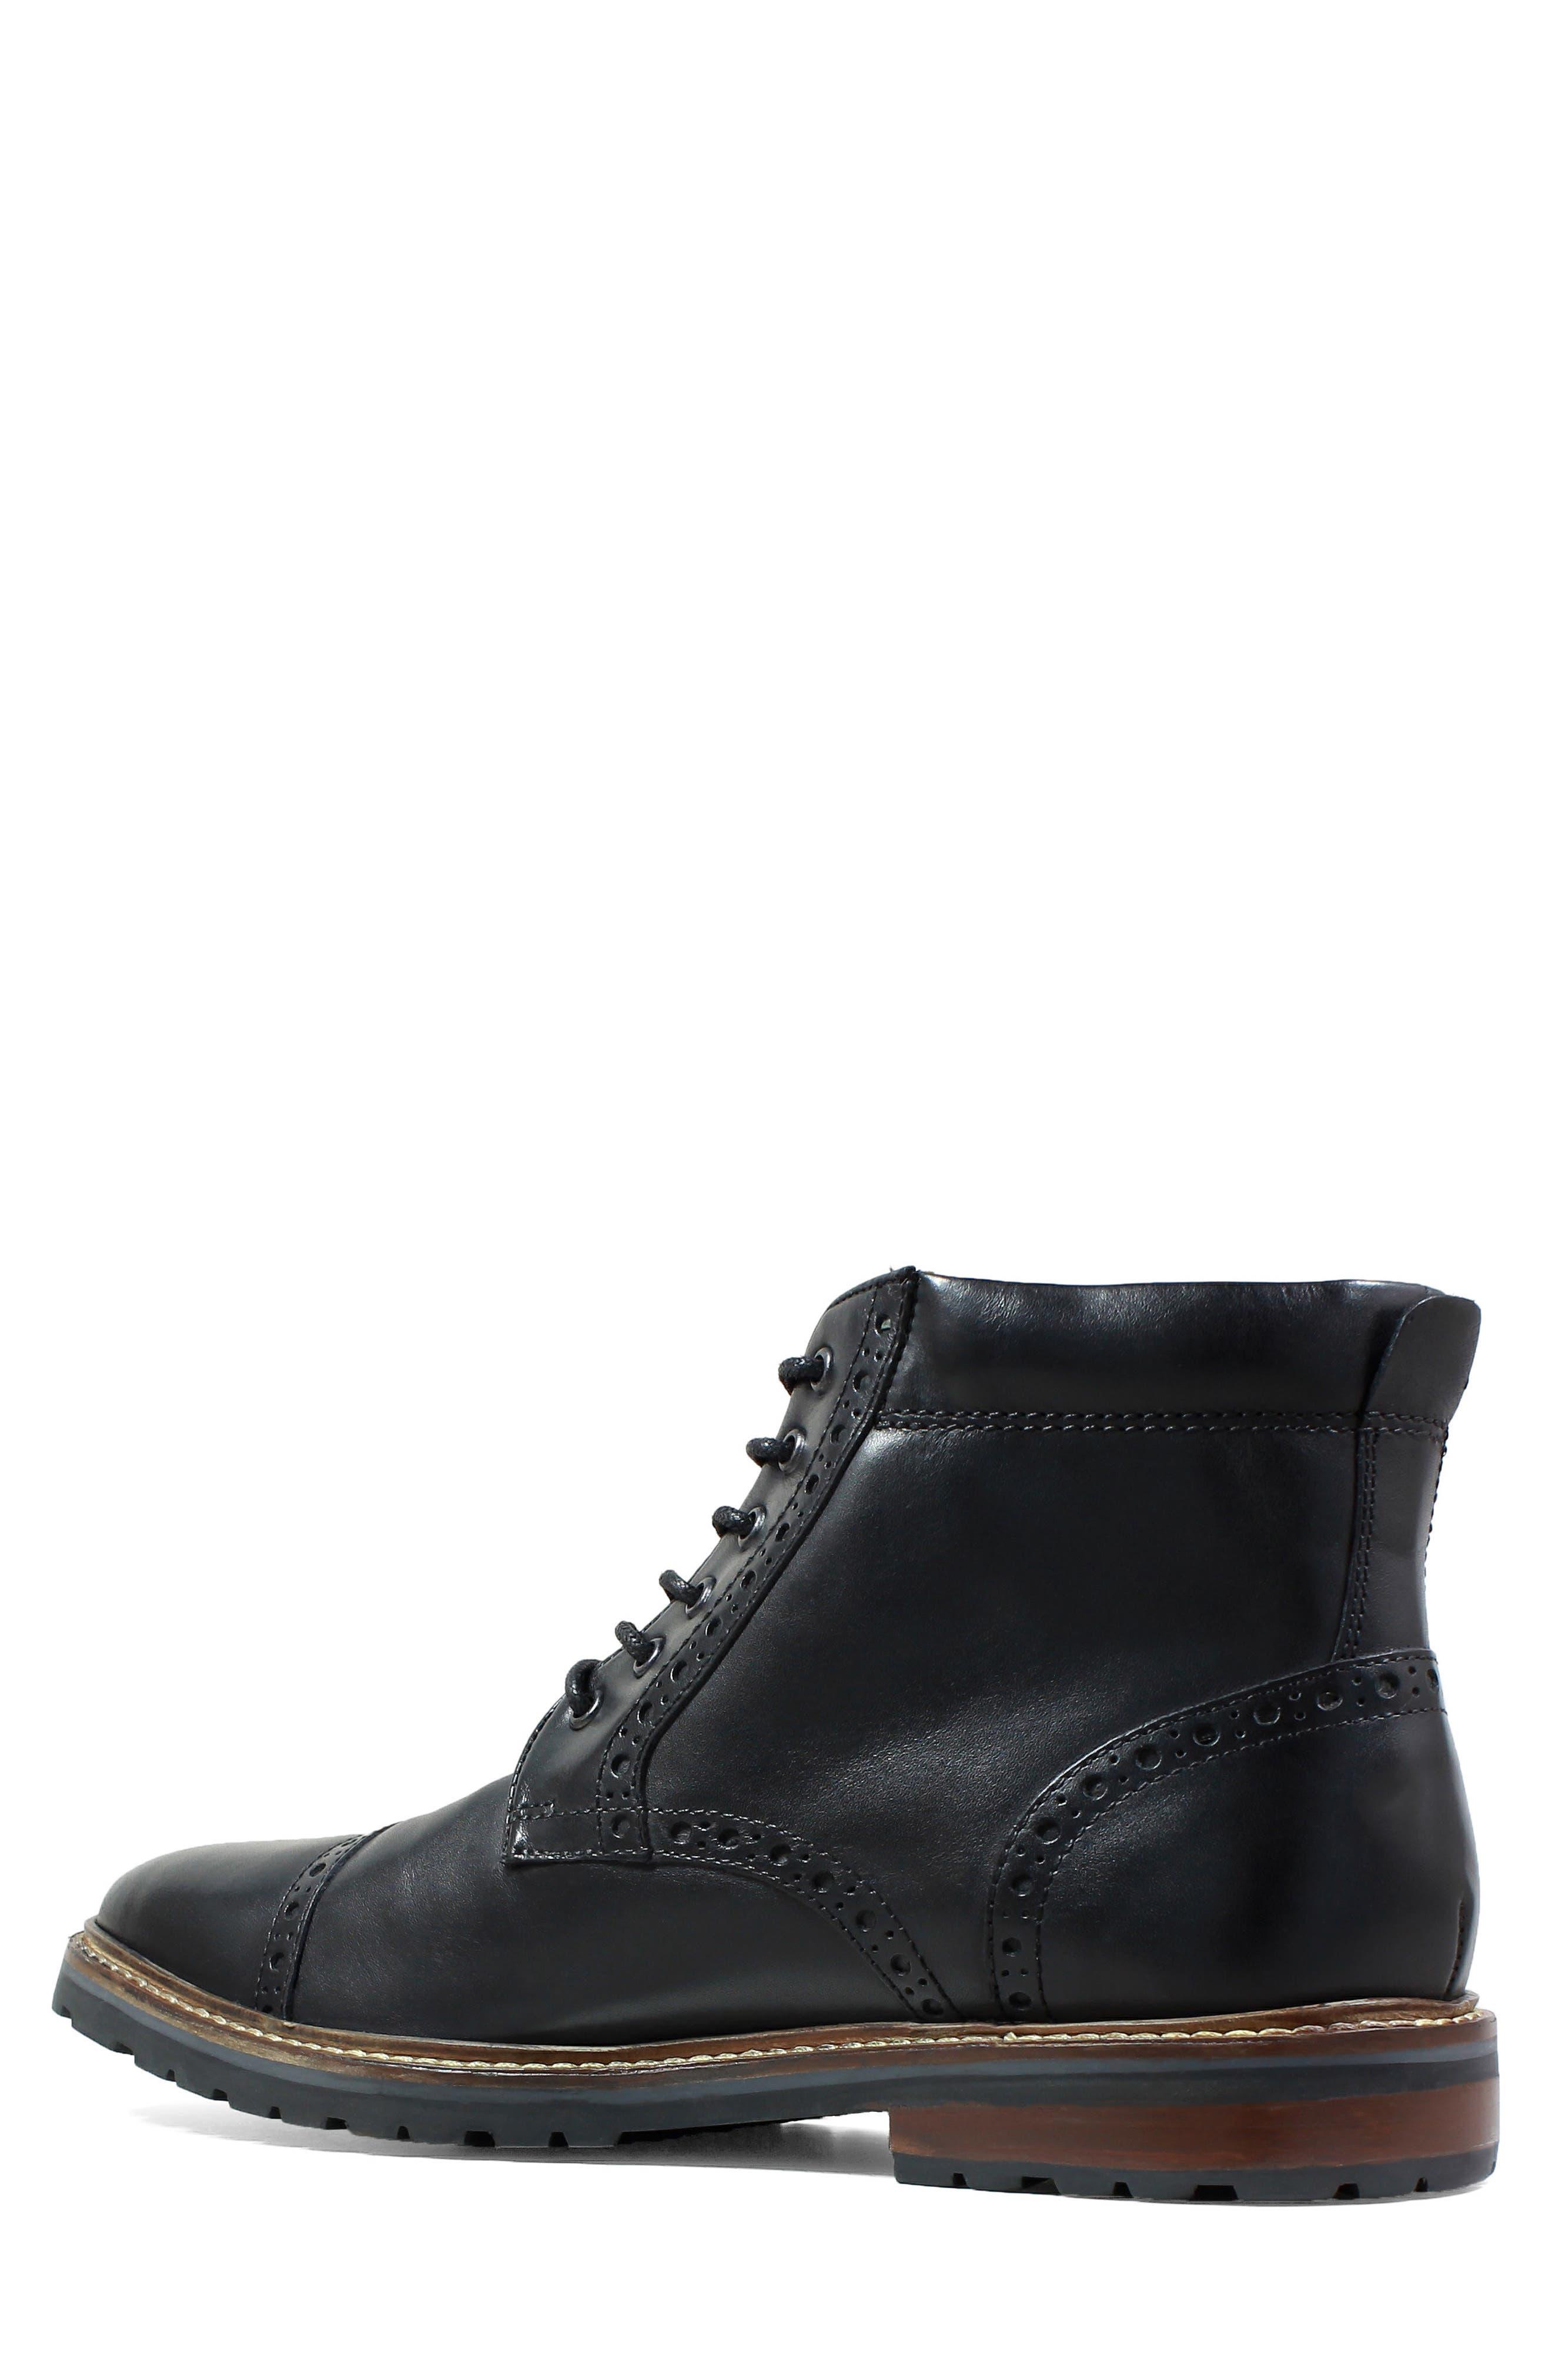 FLORSHEIM,                             Estabrook Cap Toe Boot,                             Alternate thumbnail 2, color,                             BLACK LEATHER